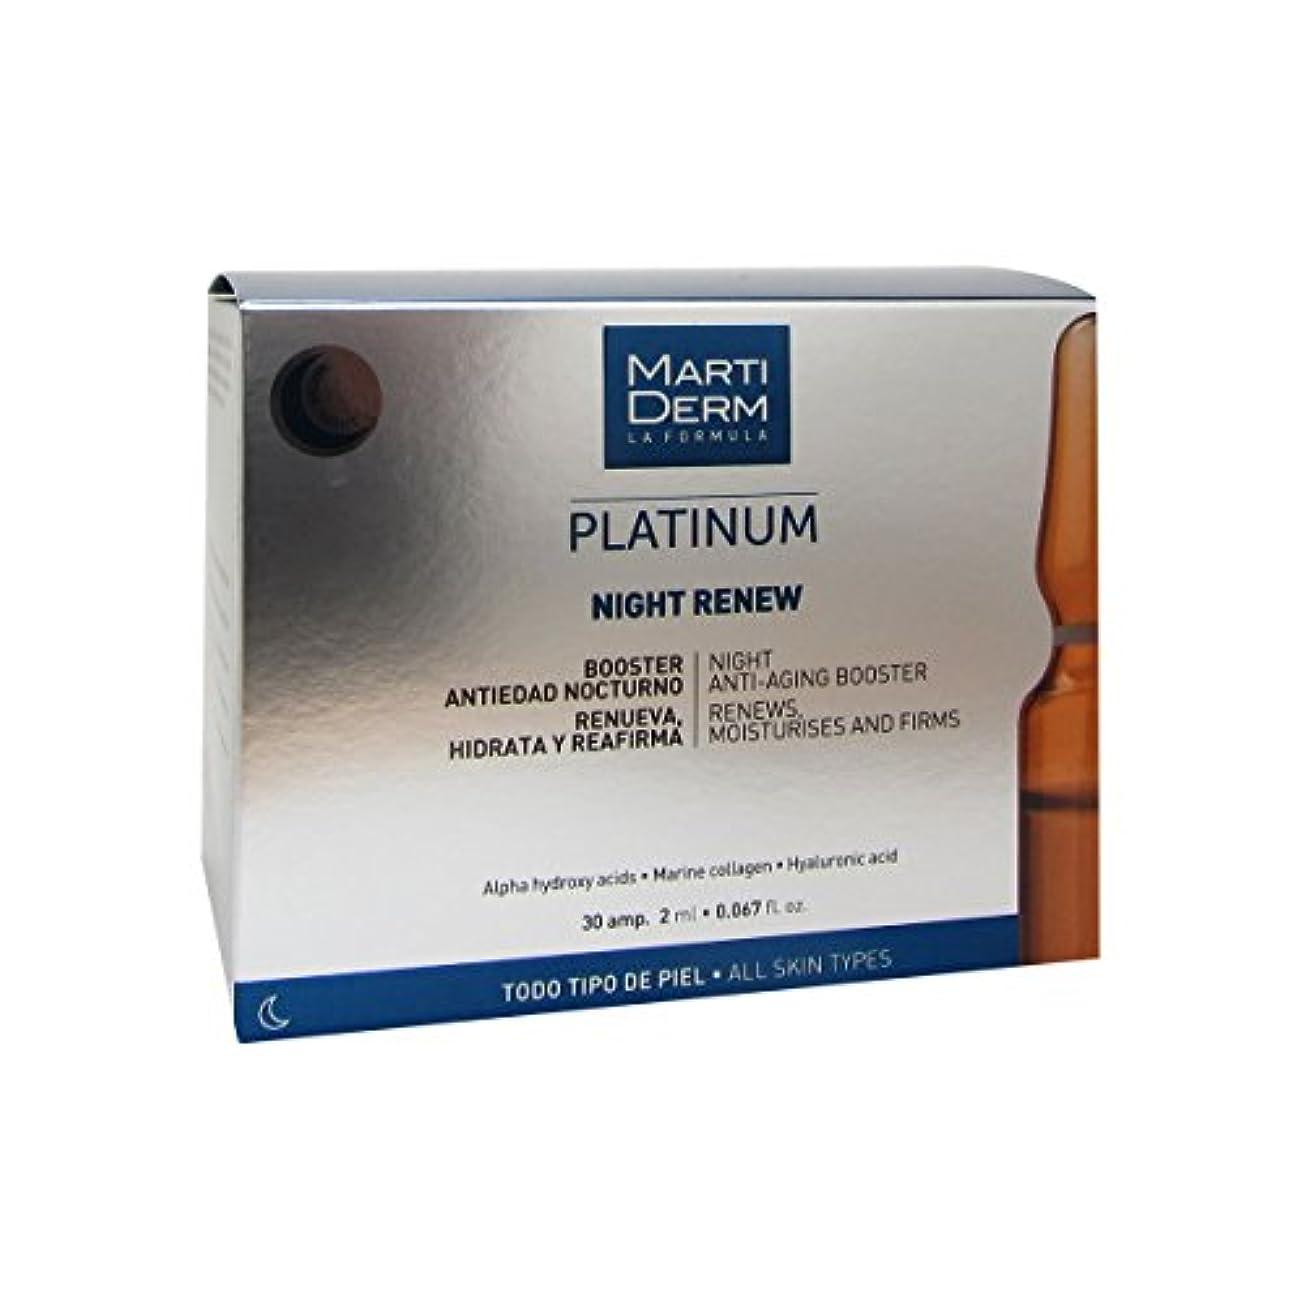 古風な芝生タイルMartiderm Platinum Night Renew Ampoules 30ampx2ml [並行輸入品]